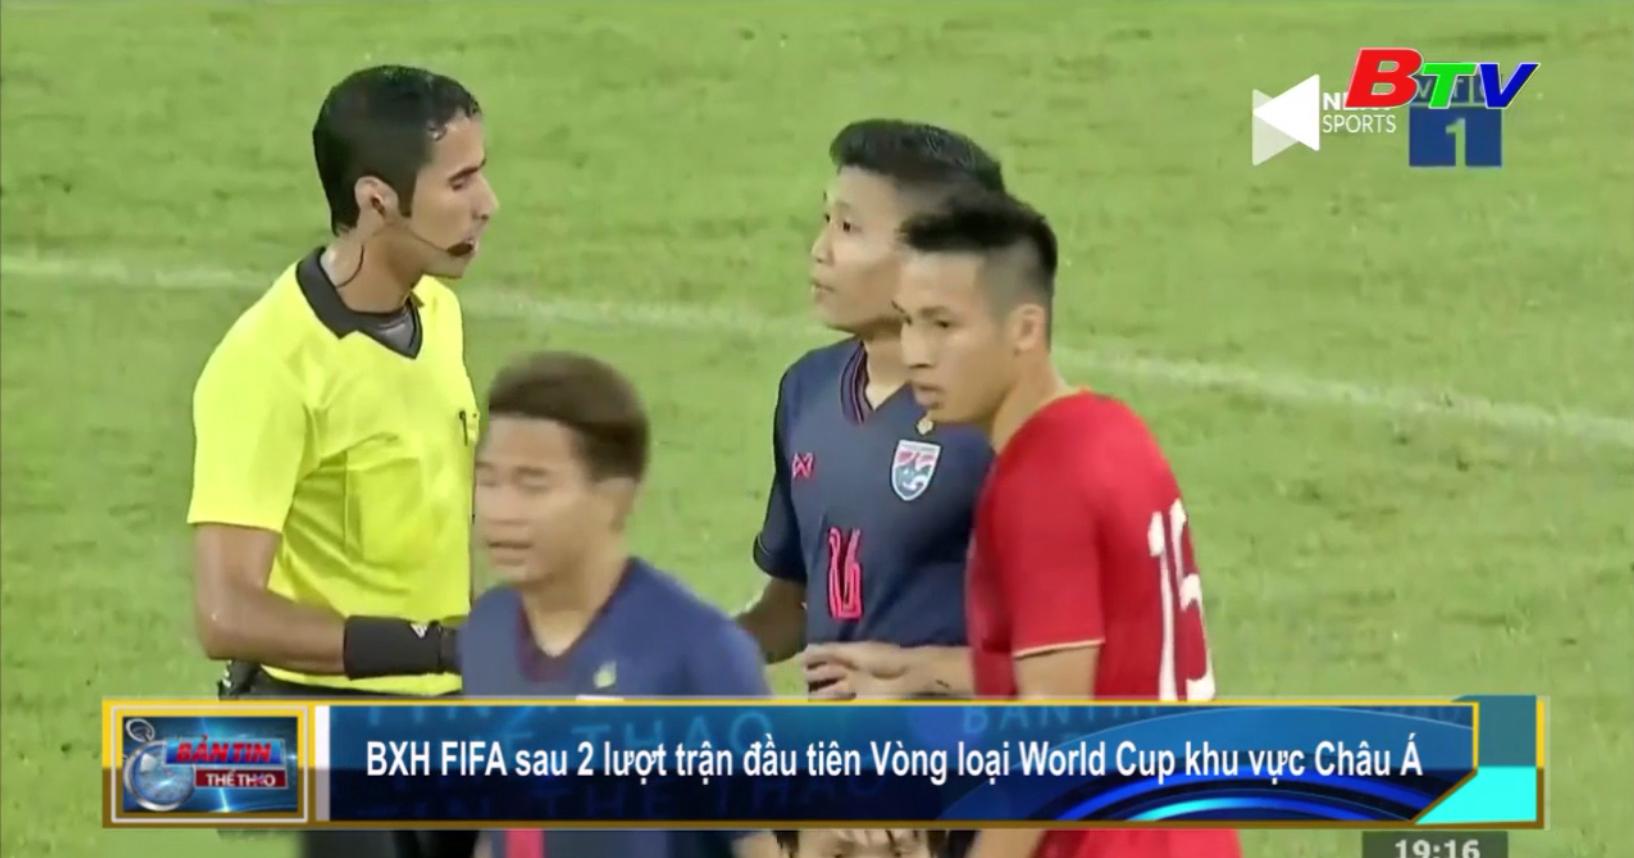 Bảng xếp hạng FIFA sau 2 lượt trận đầu tiên Vòng loại World Cup 2022 khu vực châu Á